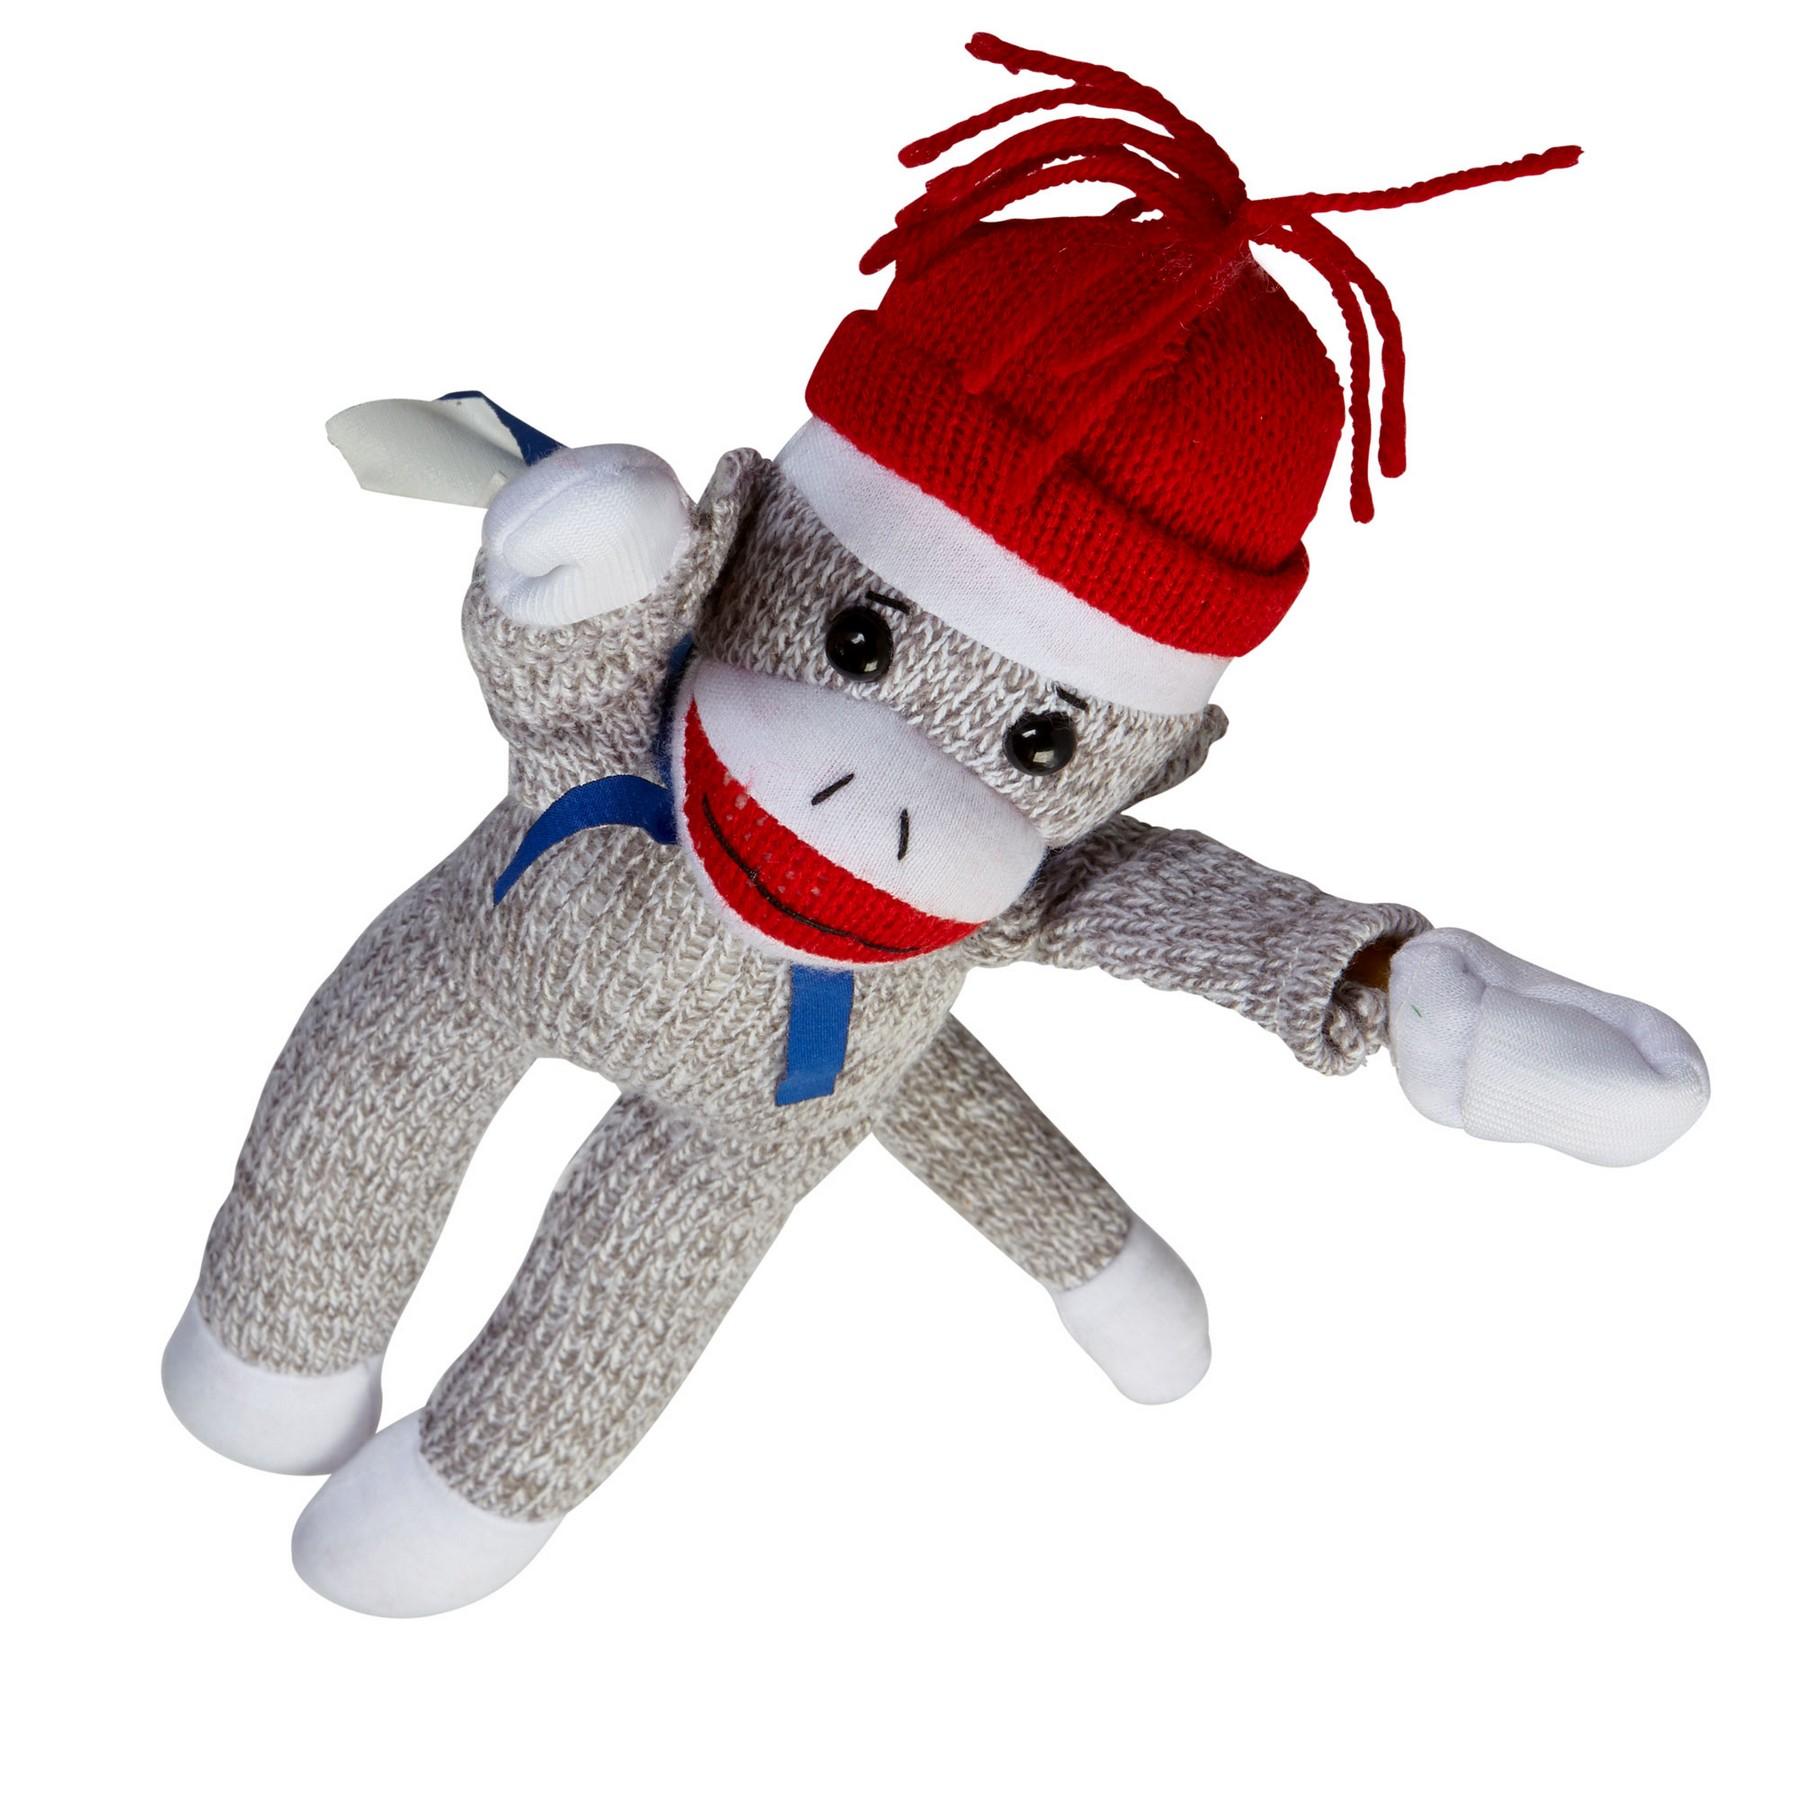 Flying Shrieking Sock Monkey Plush Stuffed Animal Buy Jornik